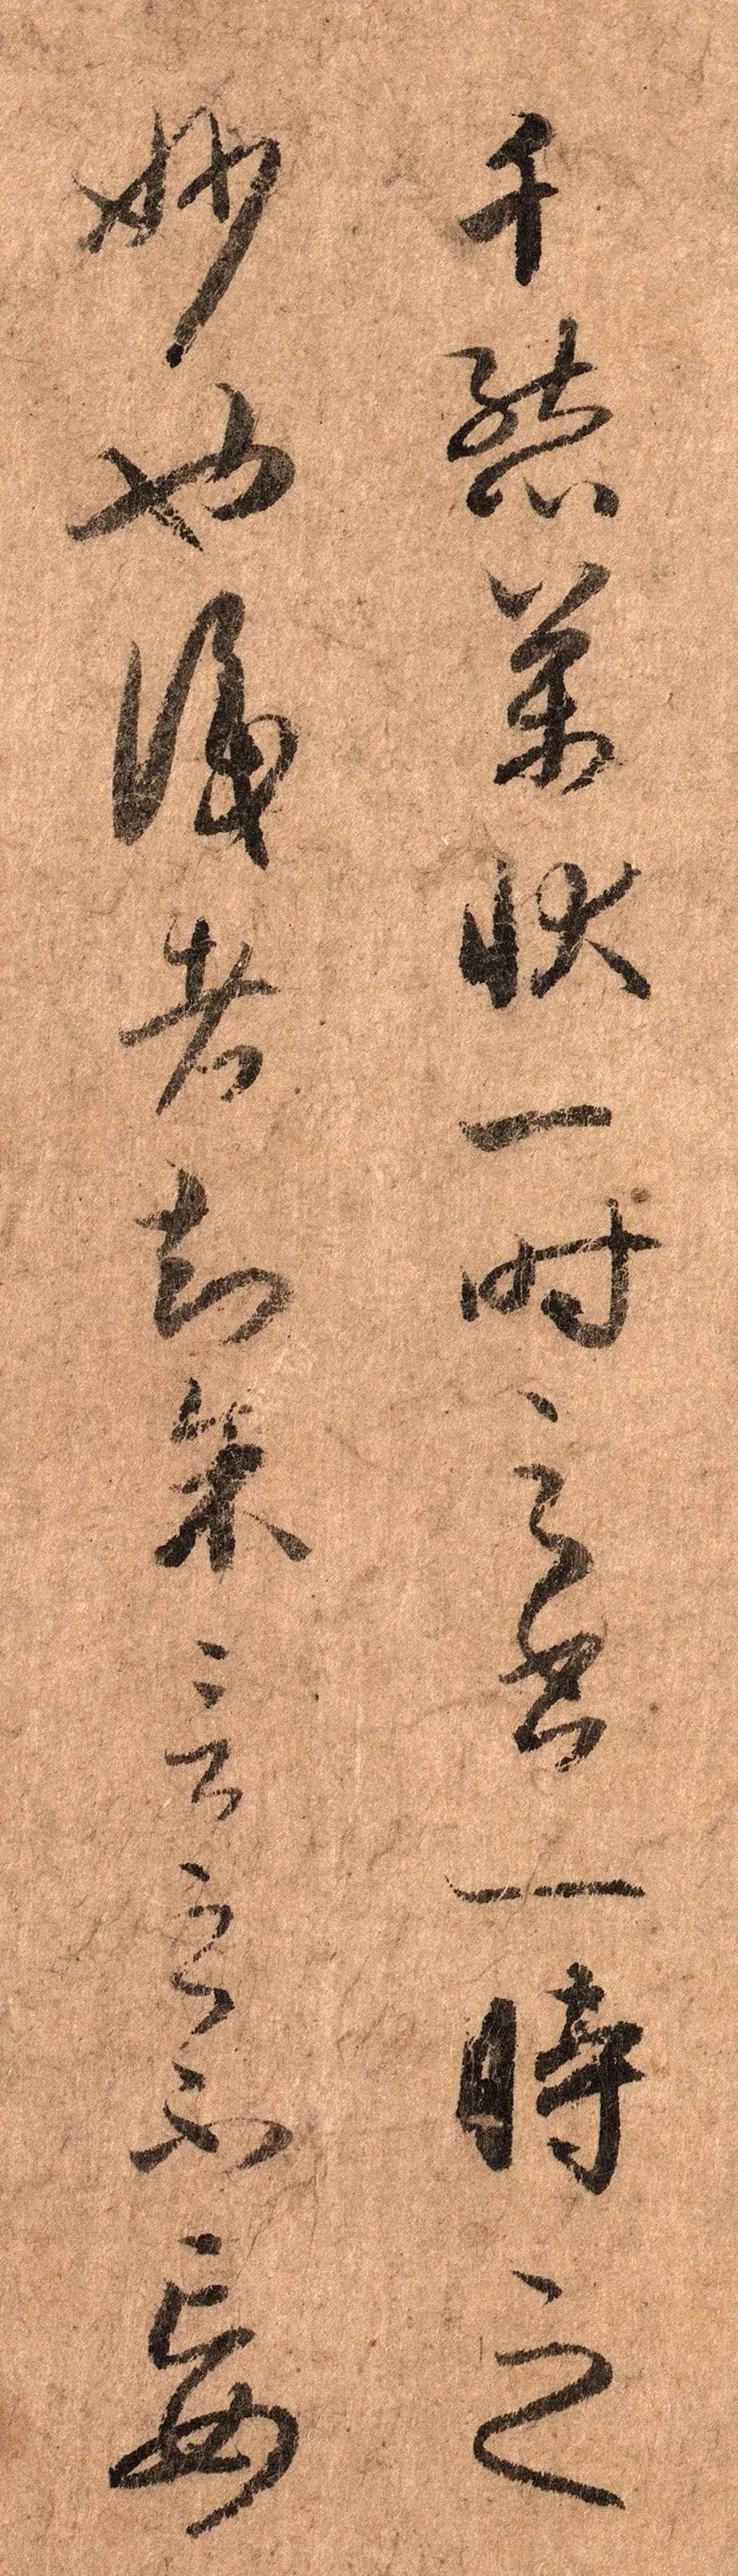 元代李倜题跋《陆柬之文赋》欣赏